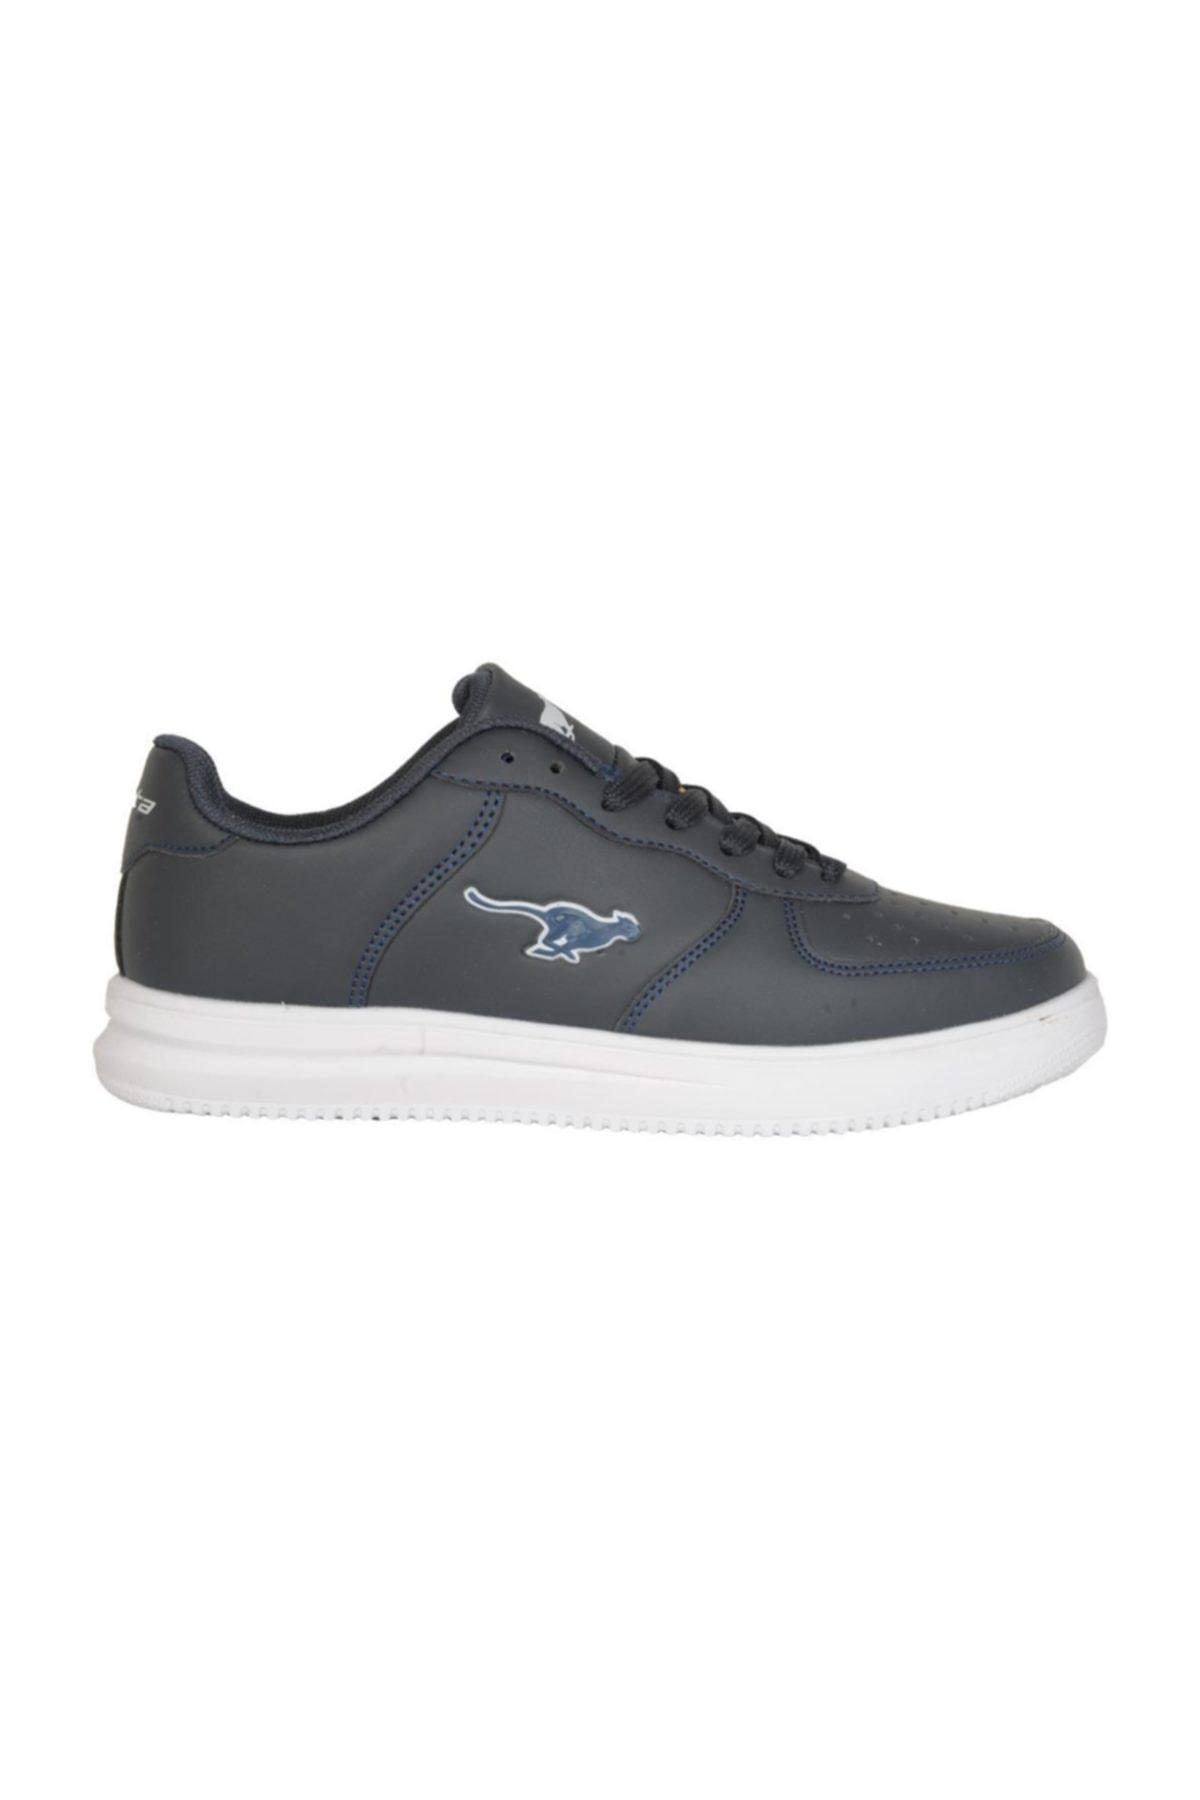 Cheta C042 Lacivert Günlük Yürüyüş Spor Ayakkabı 1